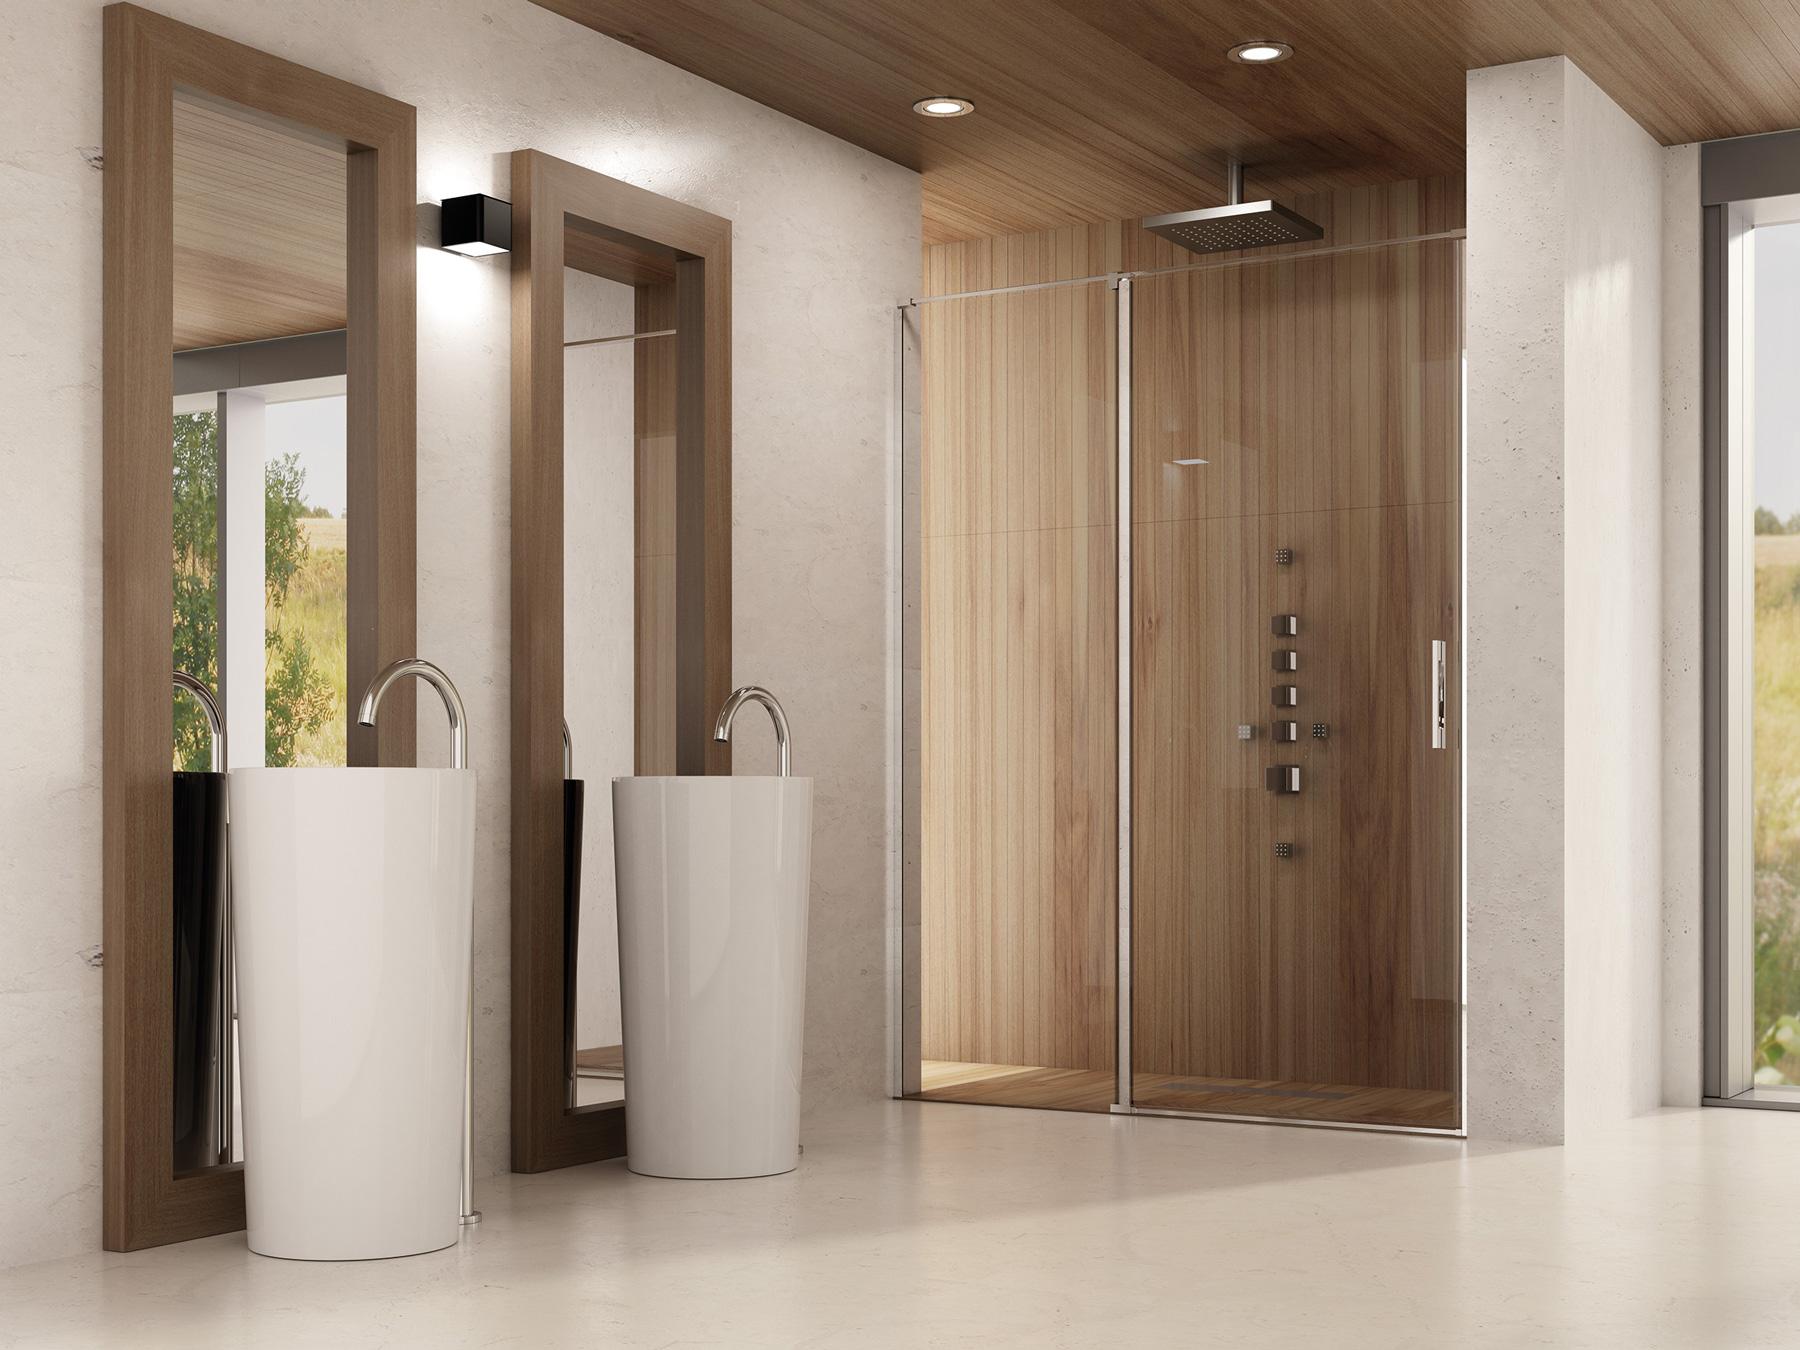 Mamparas de baño con apertura batiente.